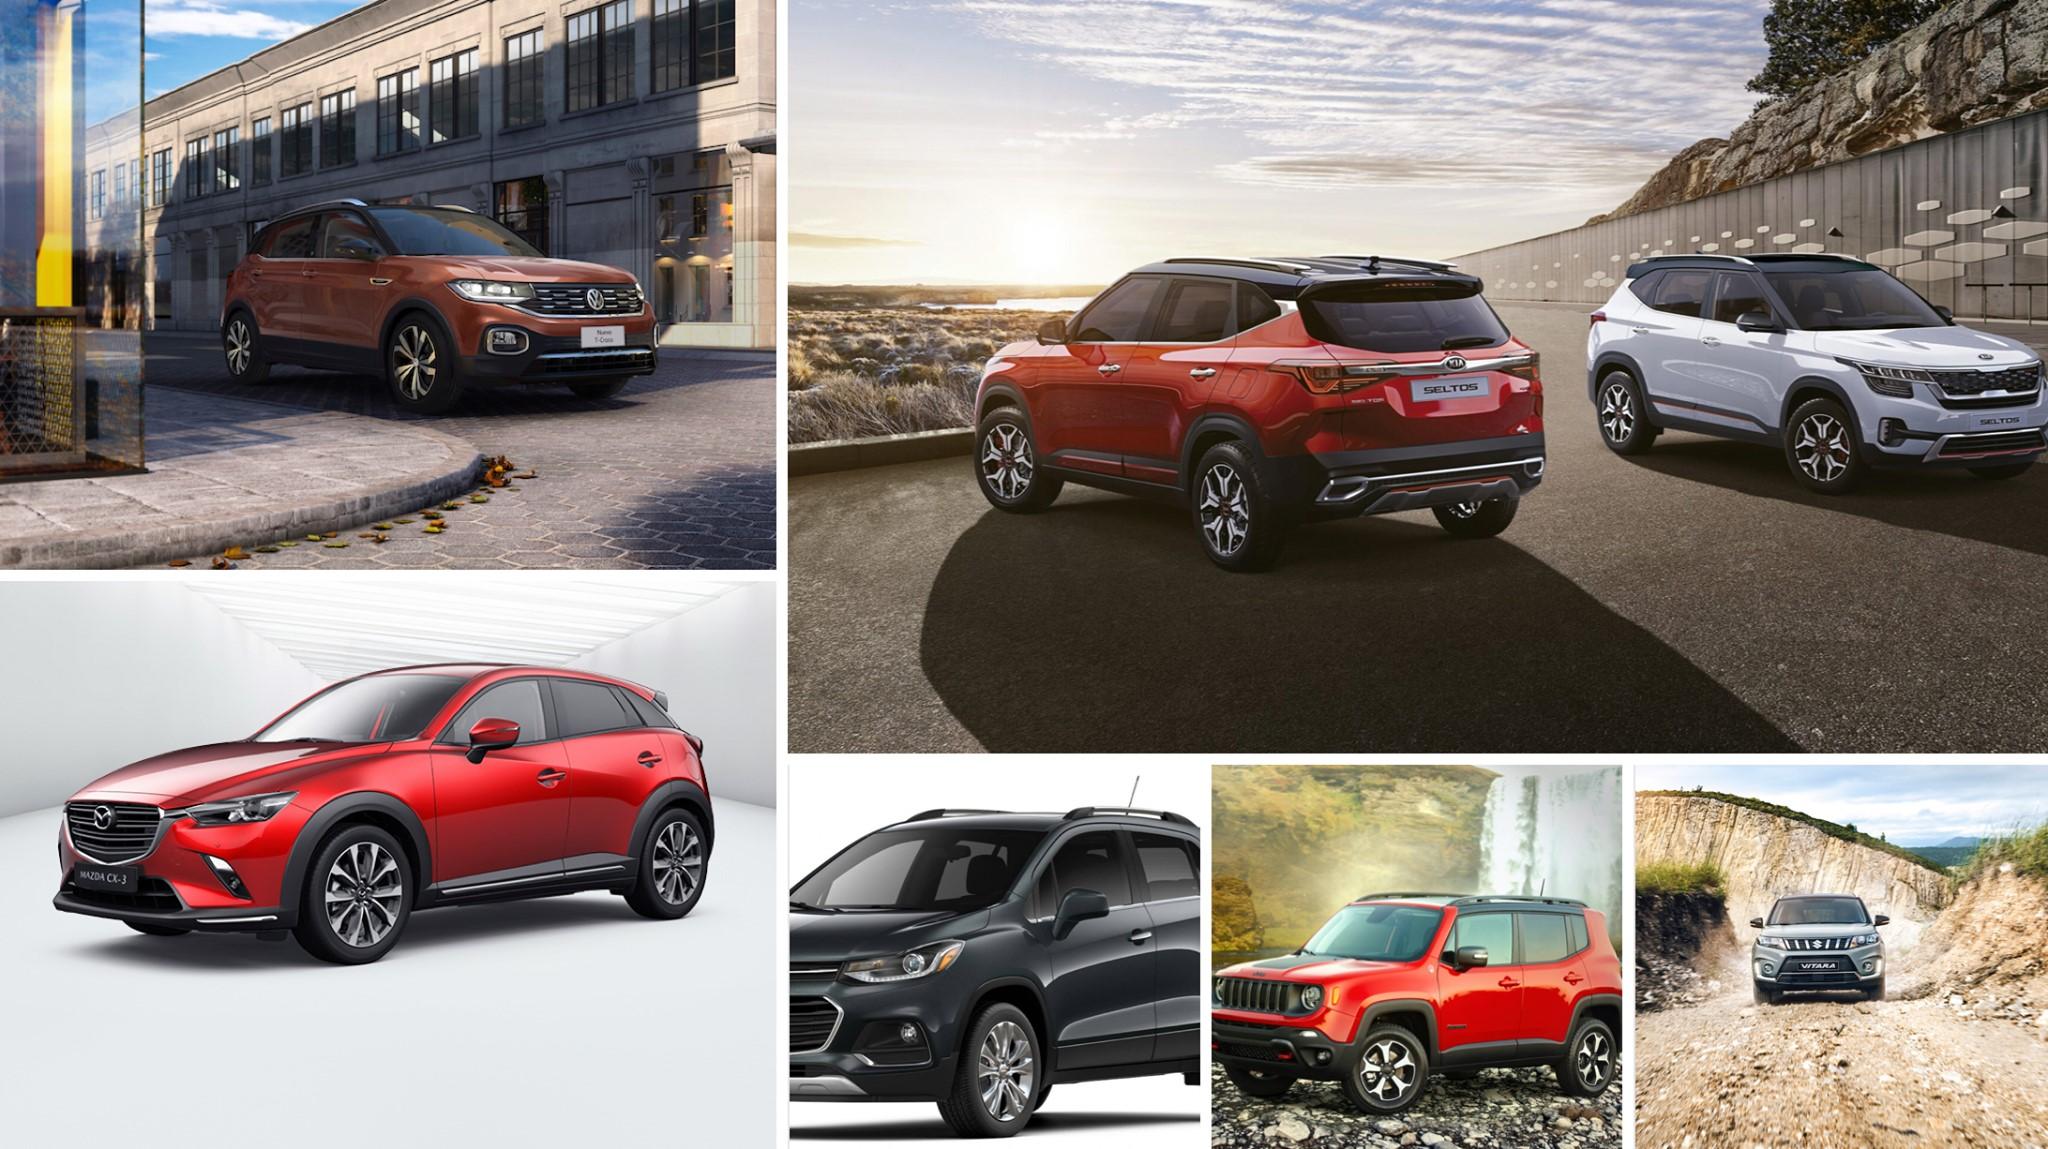 Comparativa de SUV compactos, todas las opciones